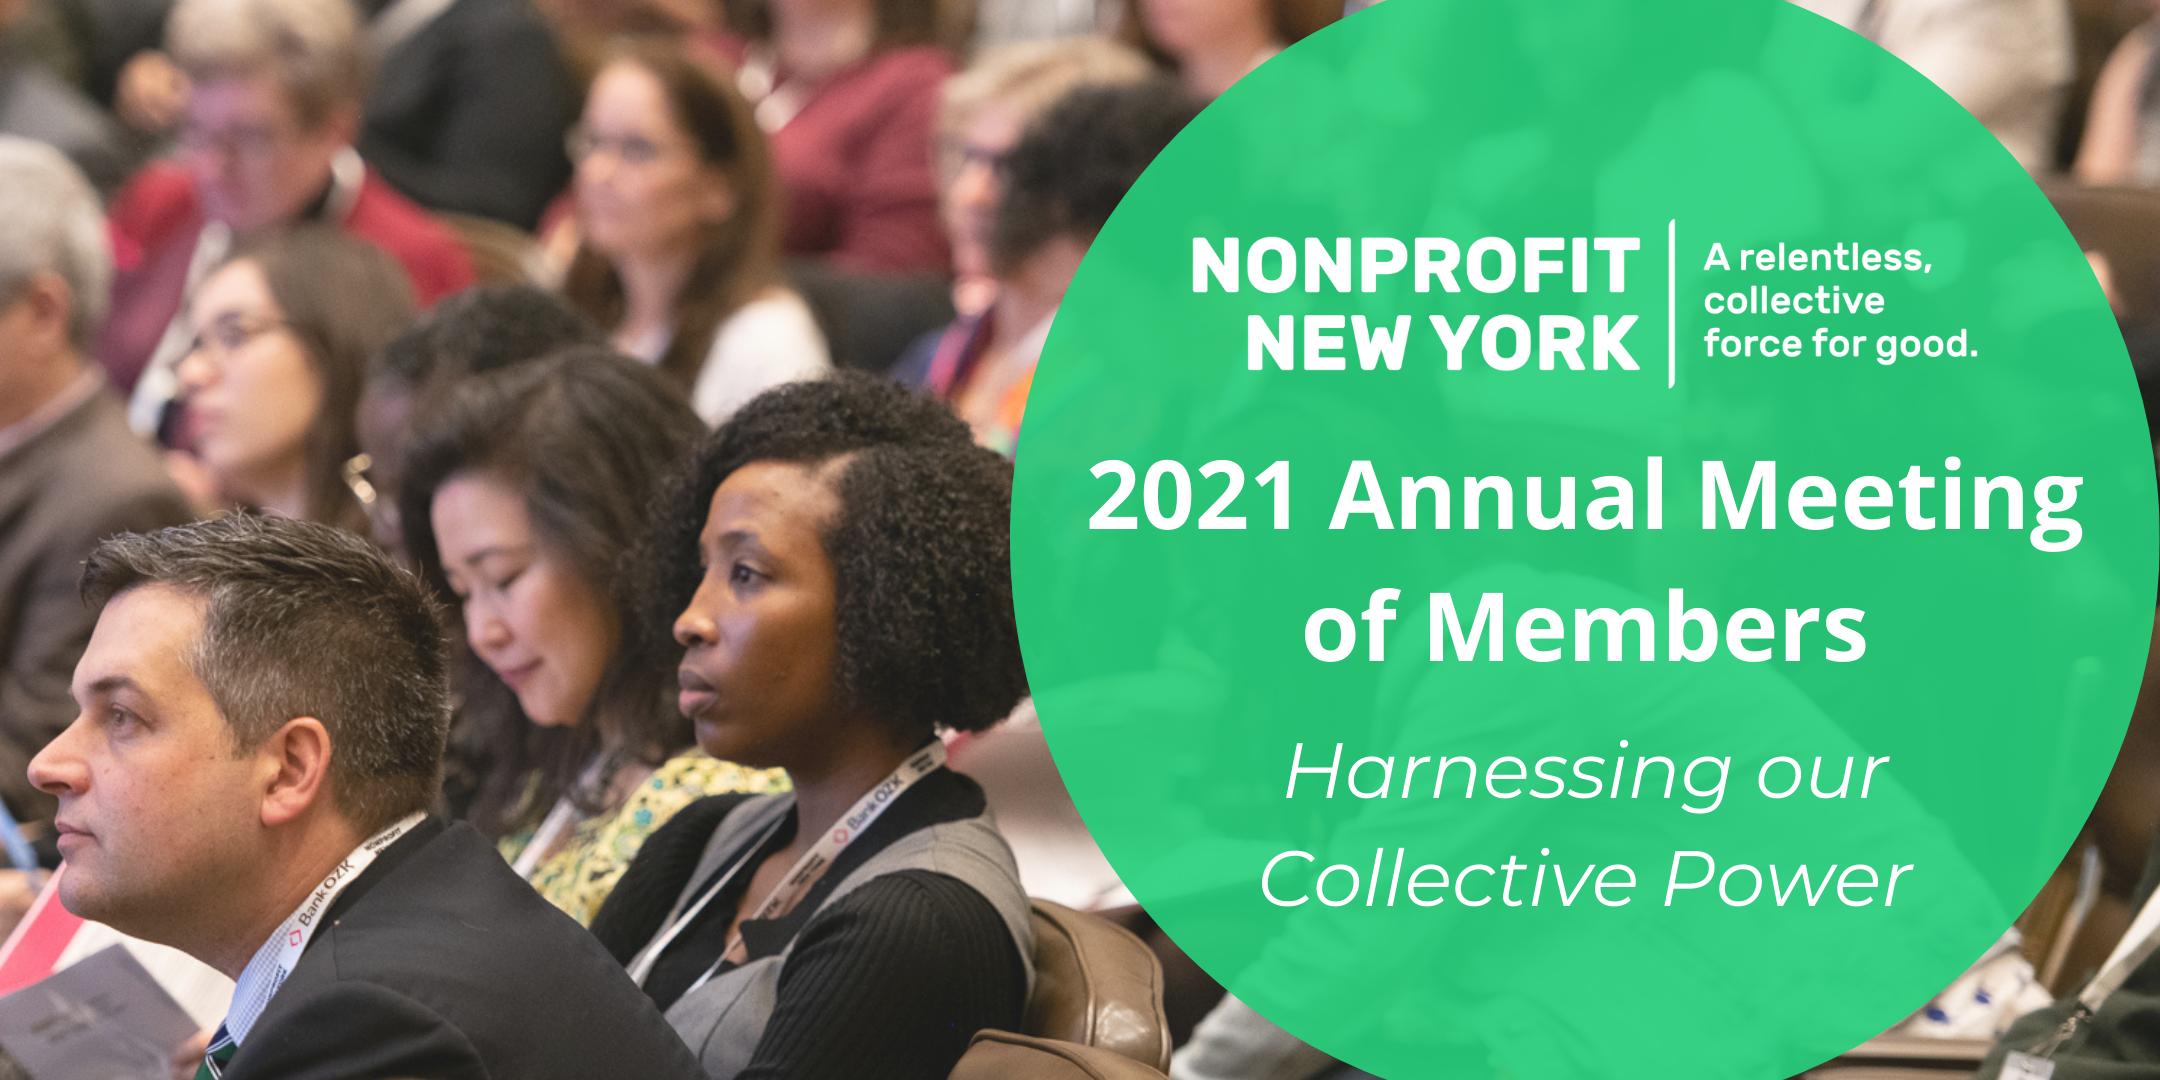 2021 Annual Meeting of the Members Recap